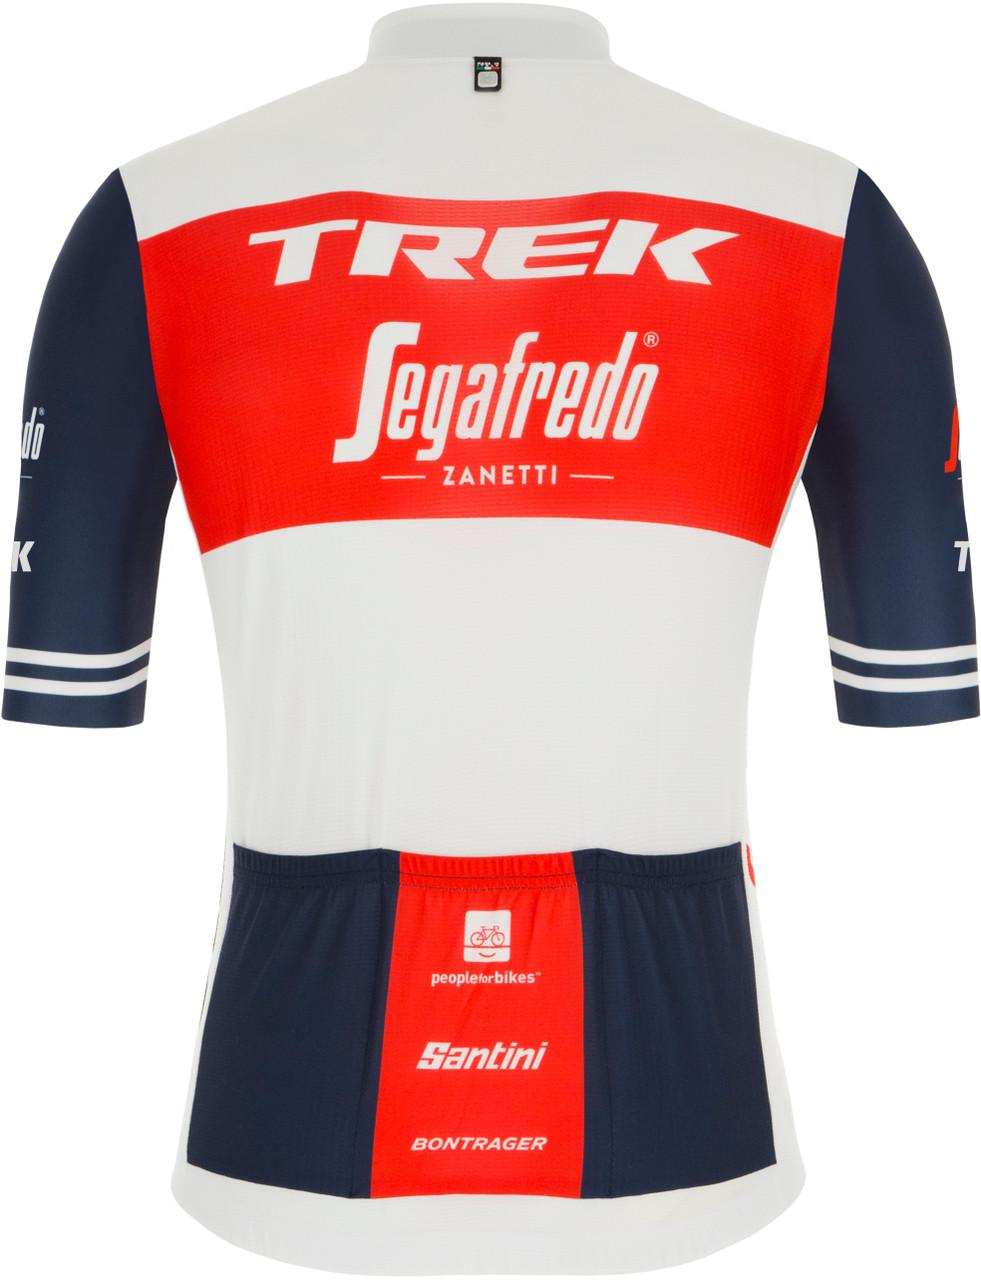 2021 Trek Segafredo Jersey Rear